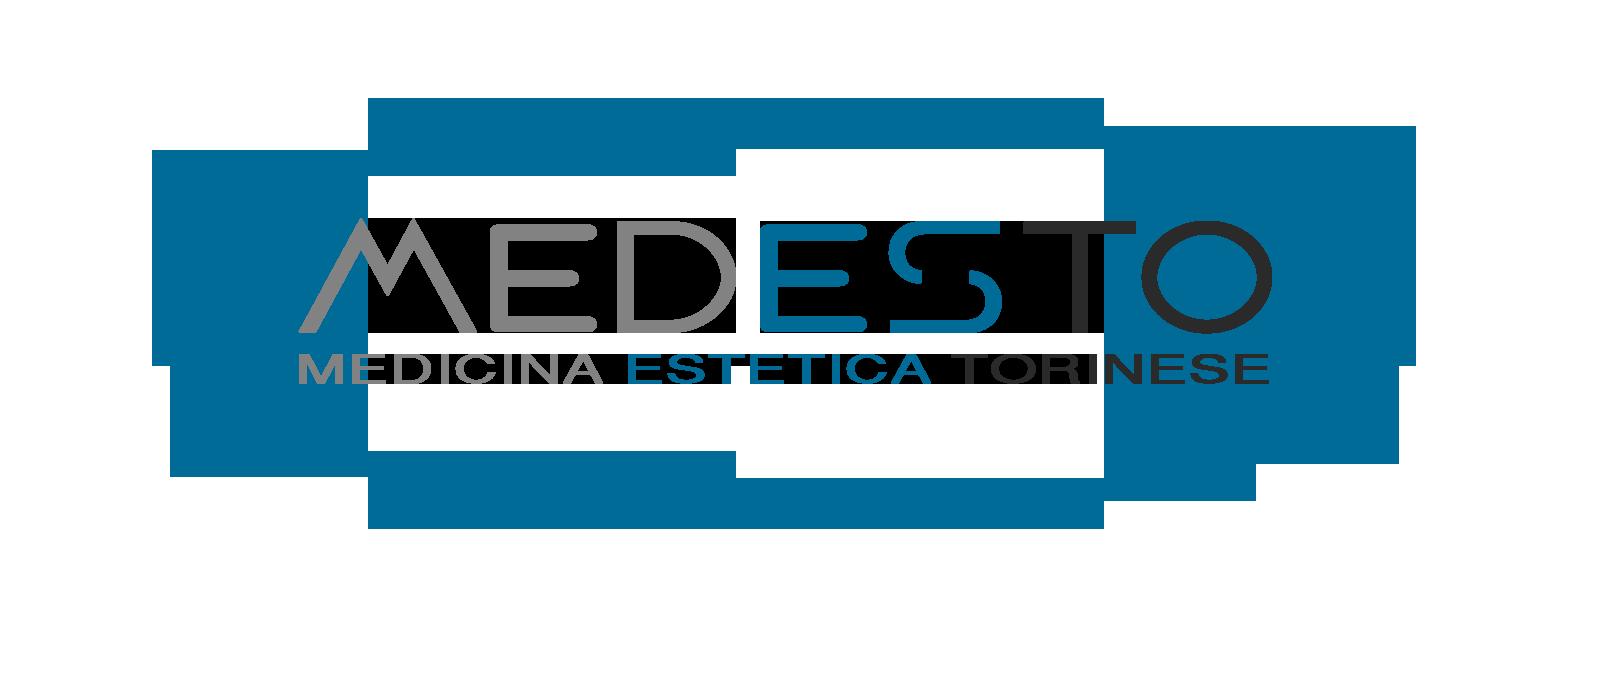 Medesto – Centro di Medicina Estetica